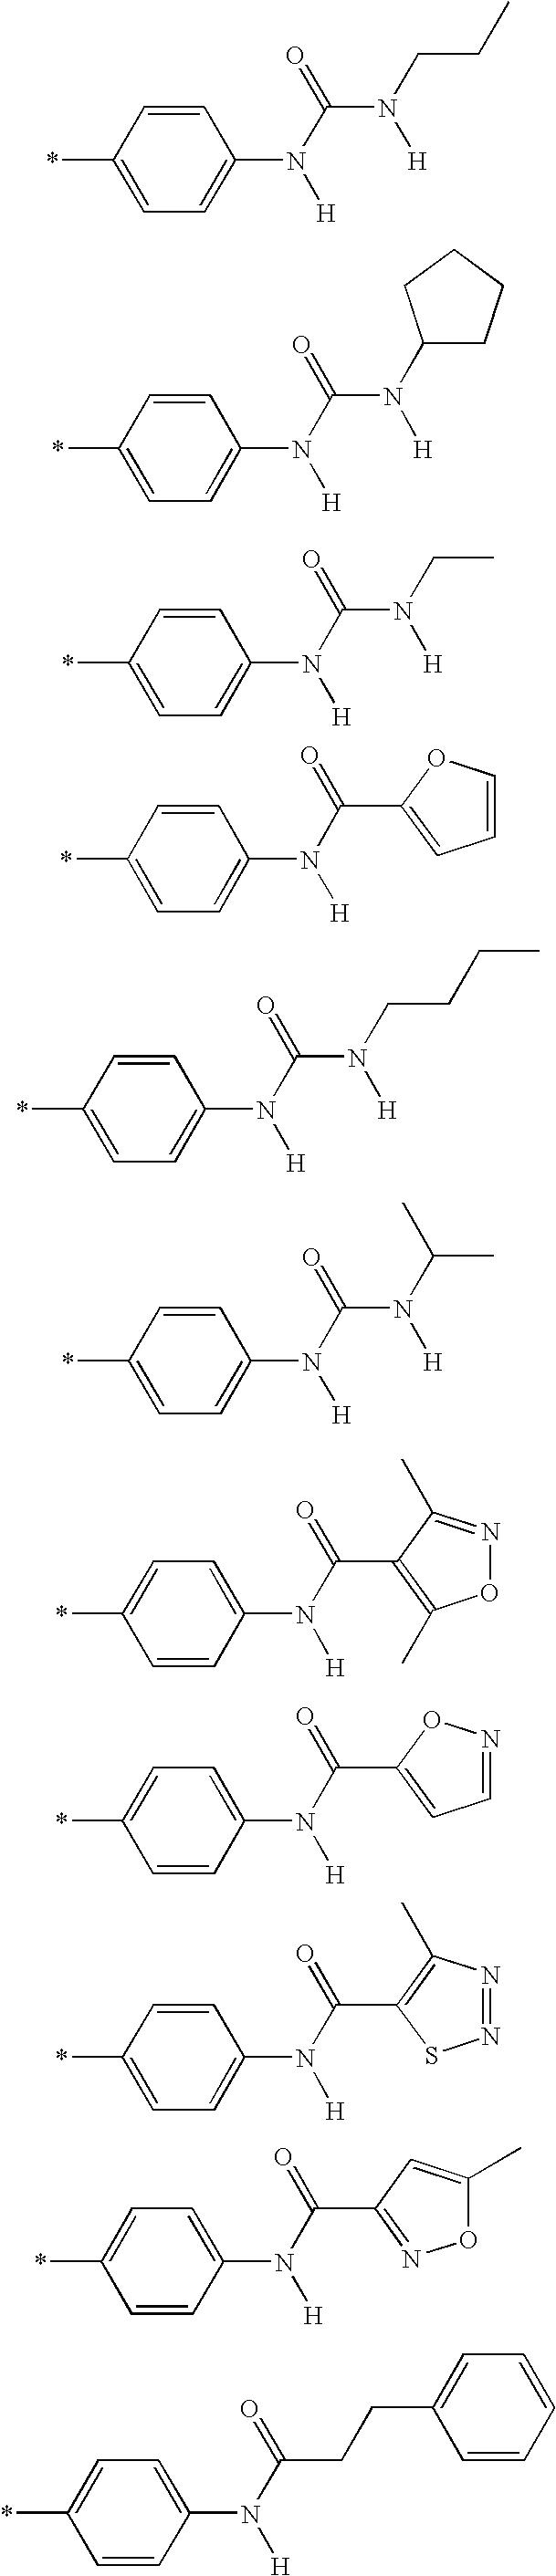 Figure US07781478-20100824-C00132